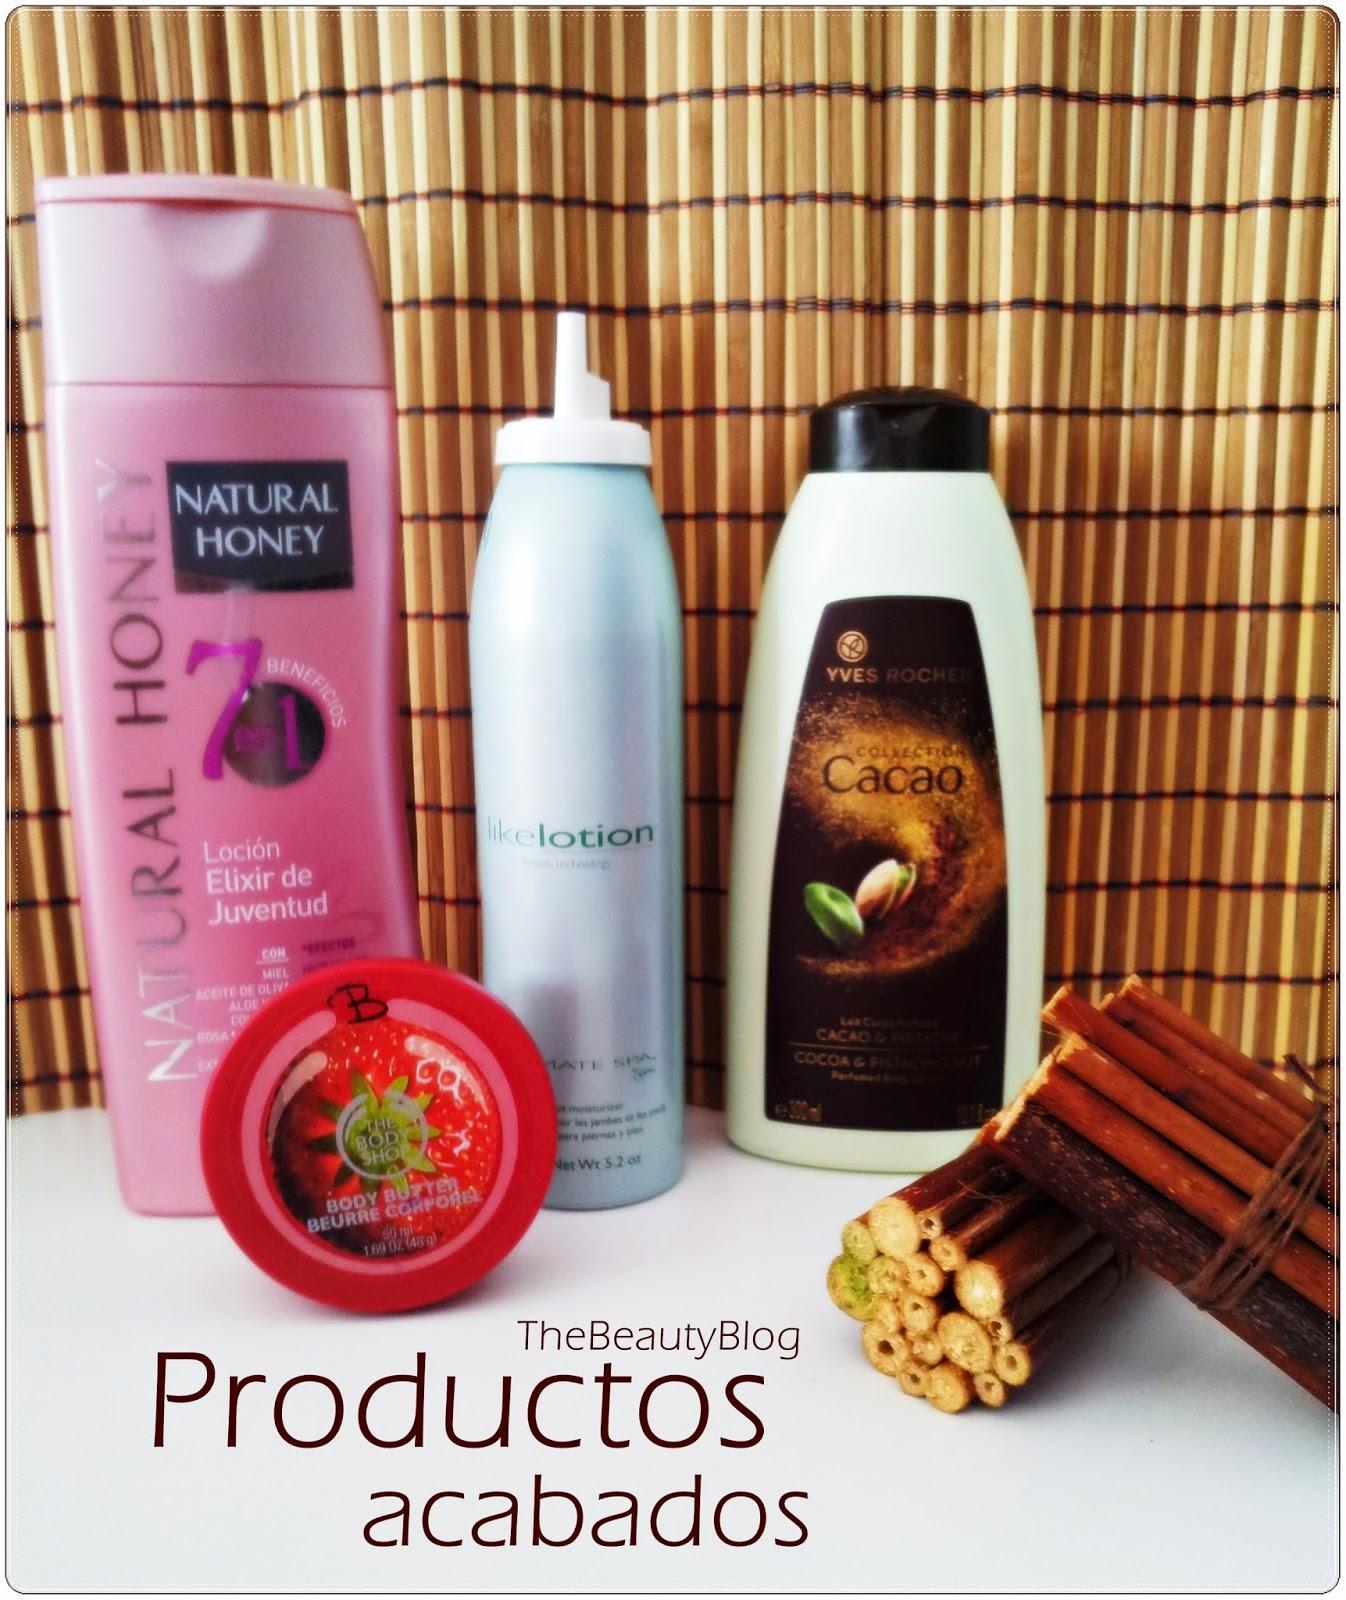 Productos acabados Noviembre/Diciembre 2014 Cuidado Corporal :)